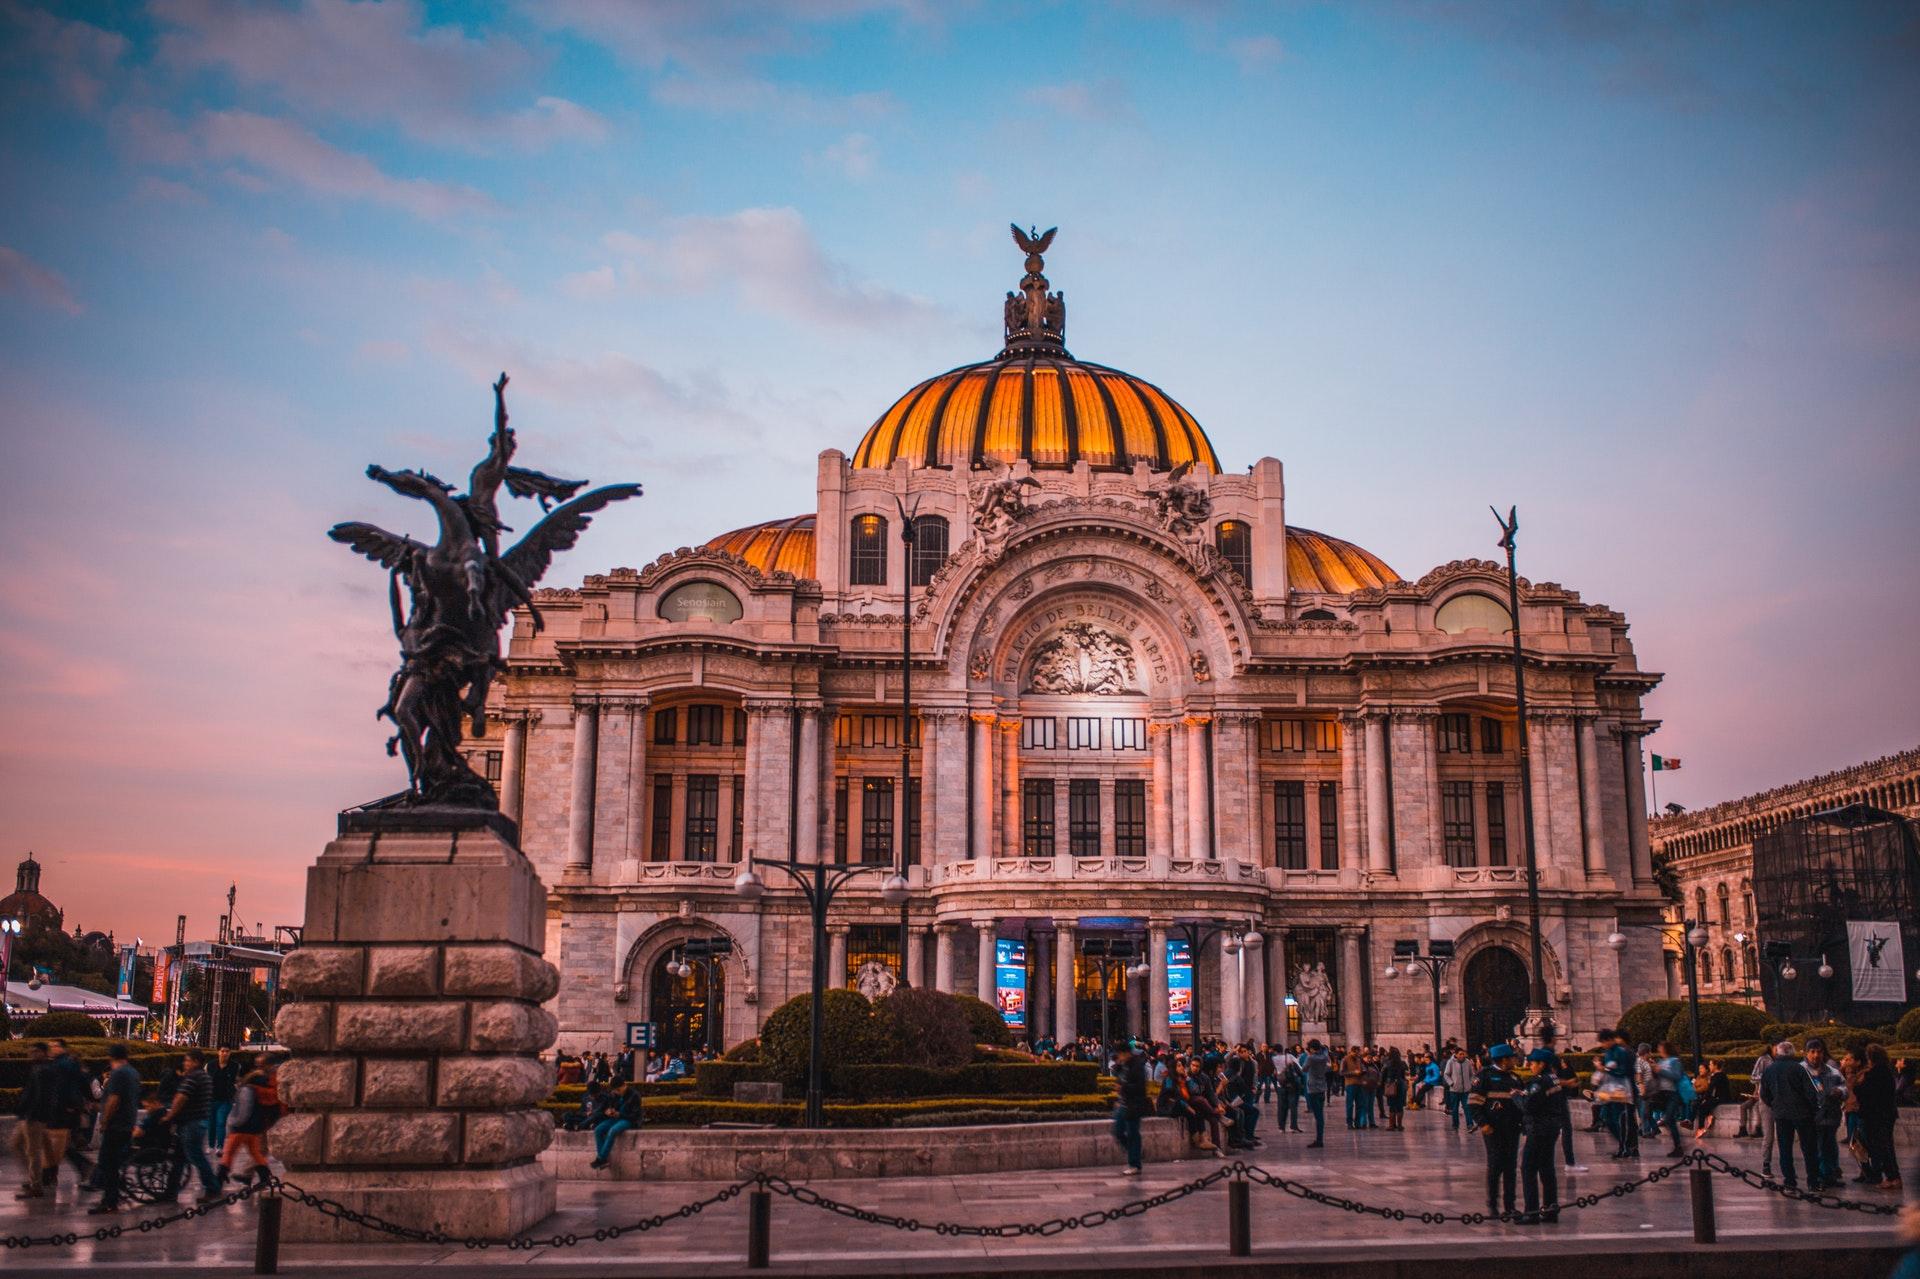 Palacio de Bellas Artes in Centro Mexico City